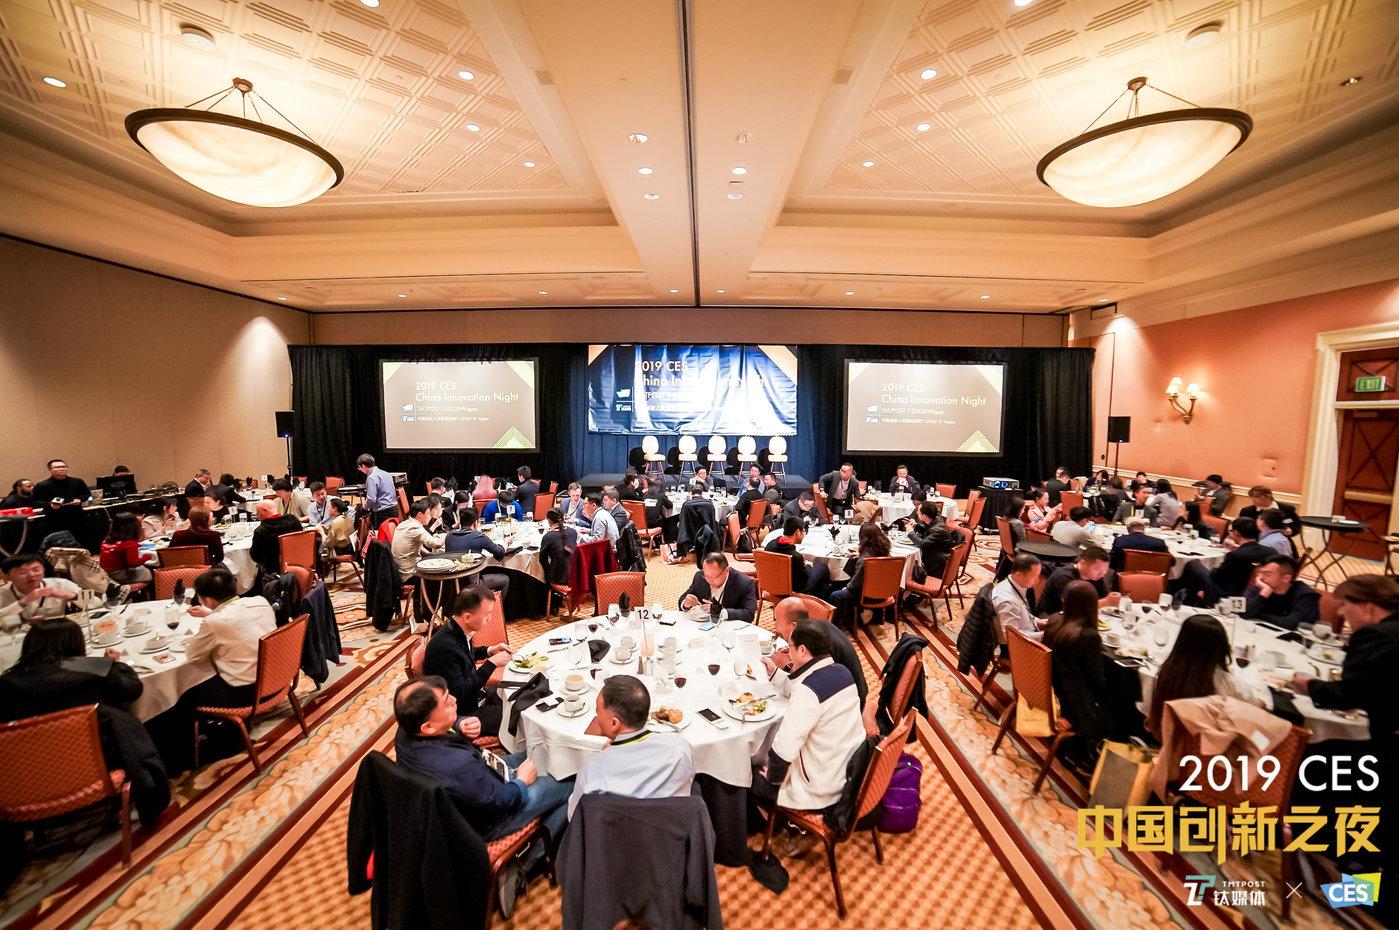 钛媒体CES中国创新之夜在拉斯维加斯举行